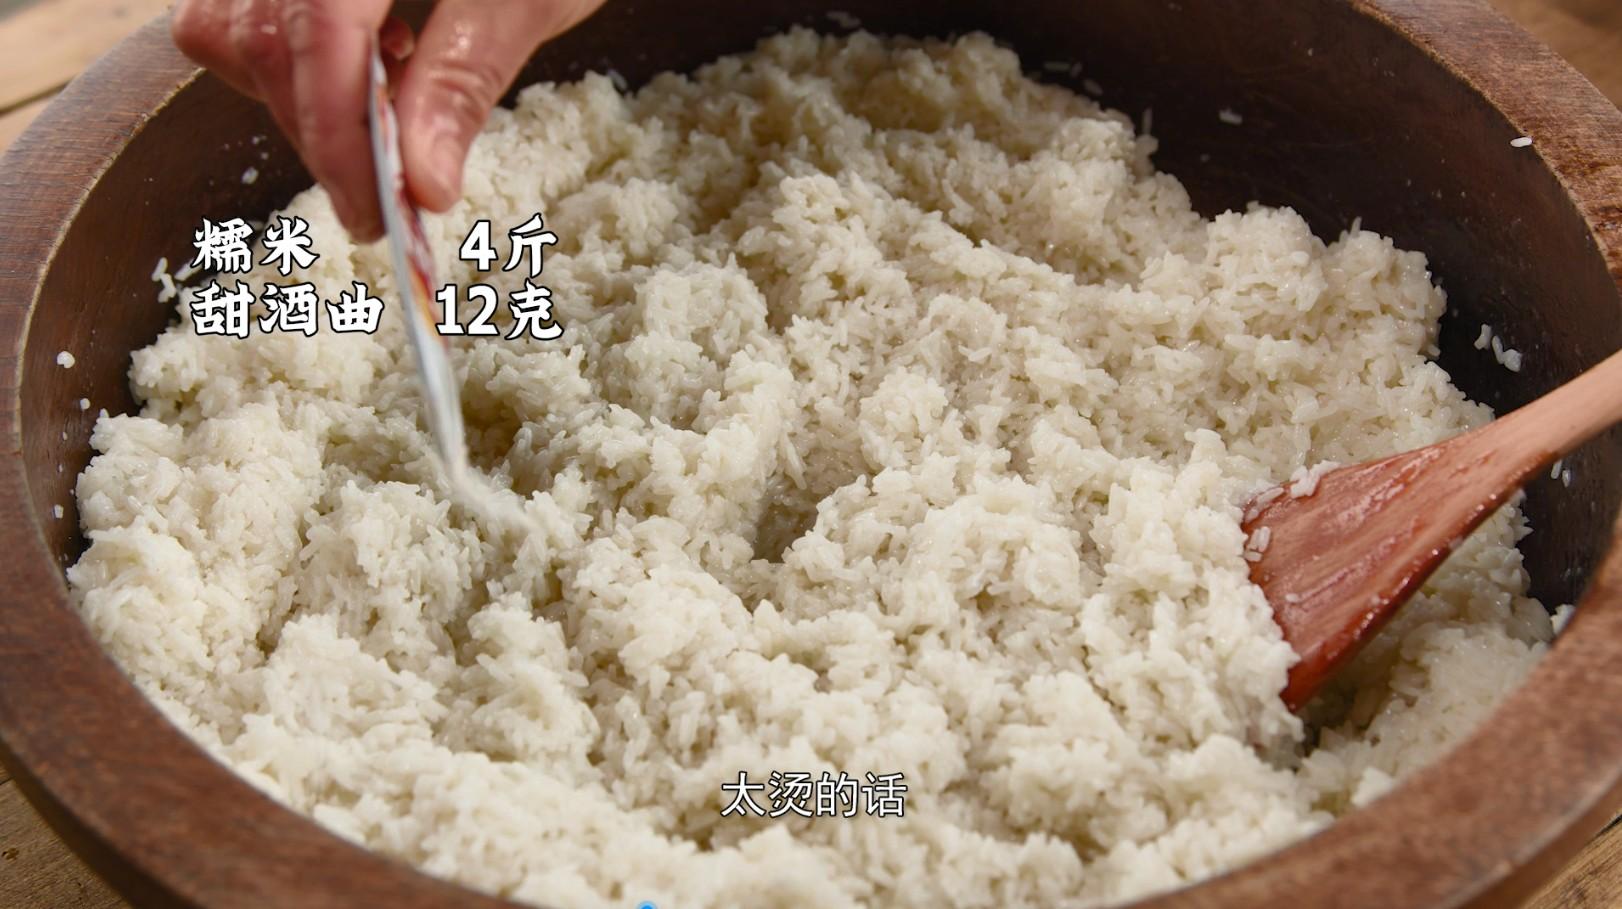 传统甜酒(醪糟)做法,和鸡蛋红枣一起喝,很养生怎么煮